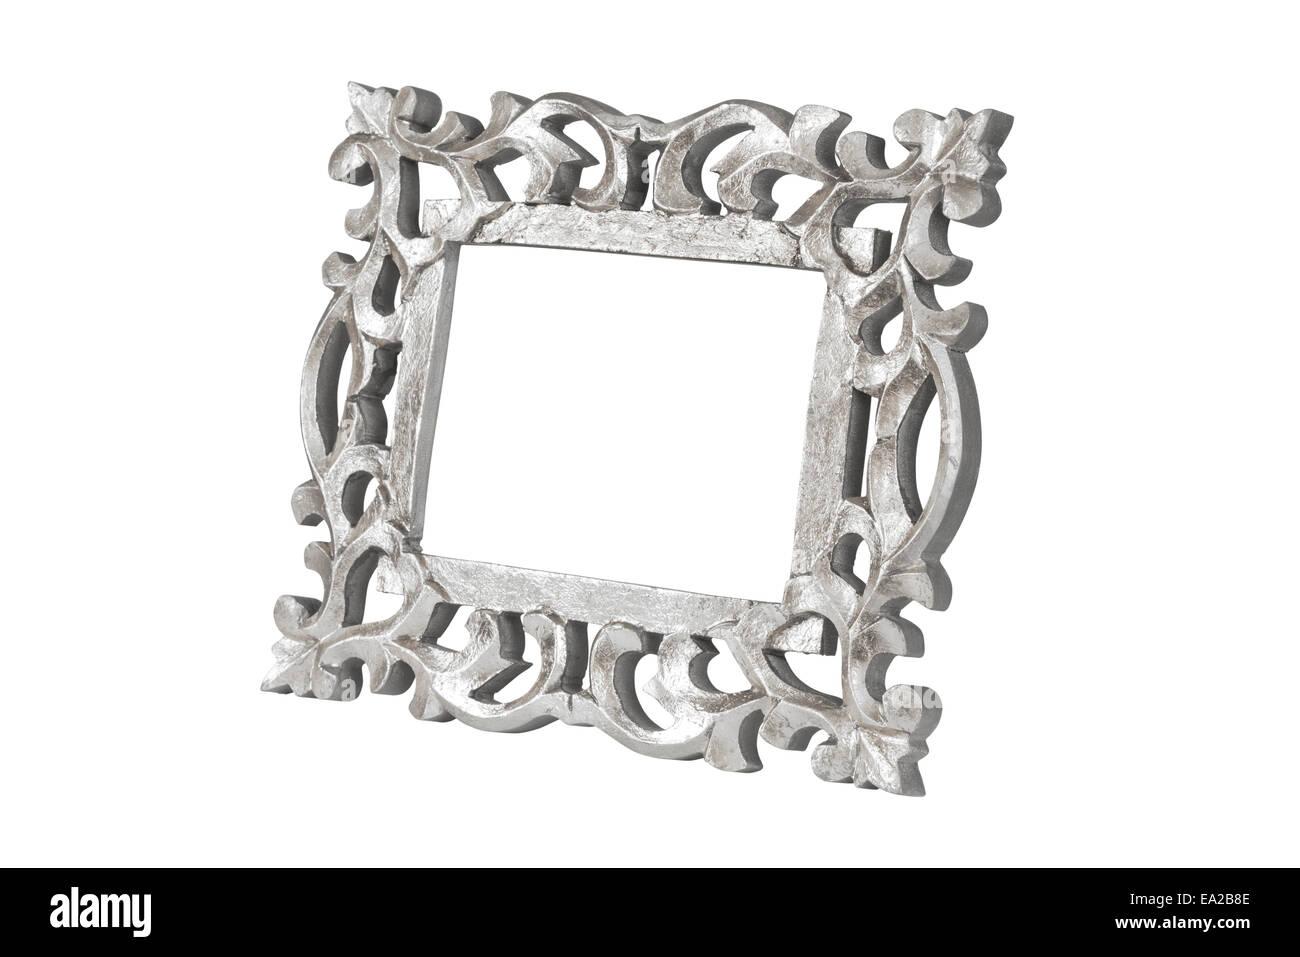 Ornate Silver Photo Frames Stock Photos & Ornate Silver Photo Frames ...